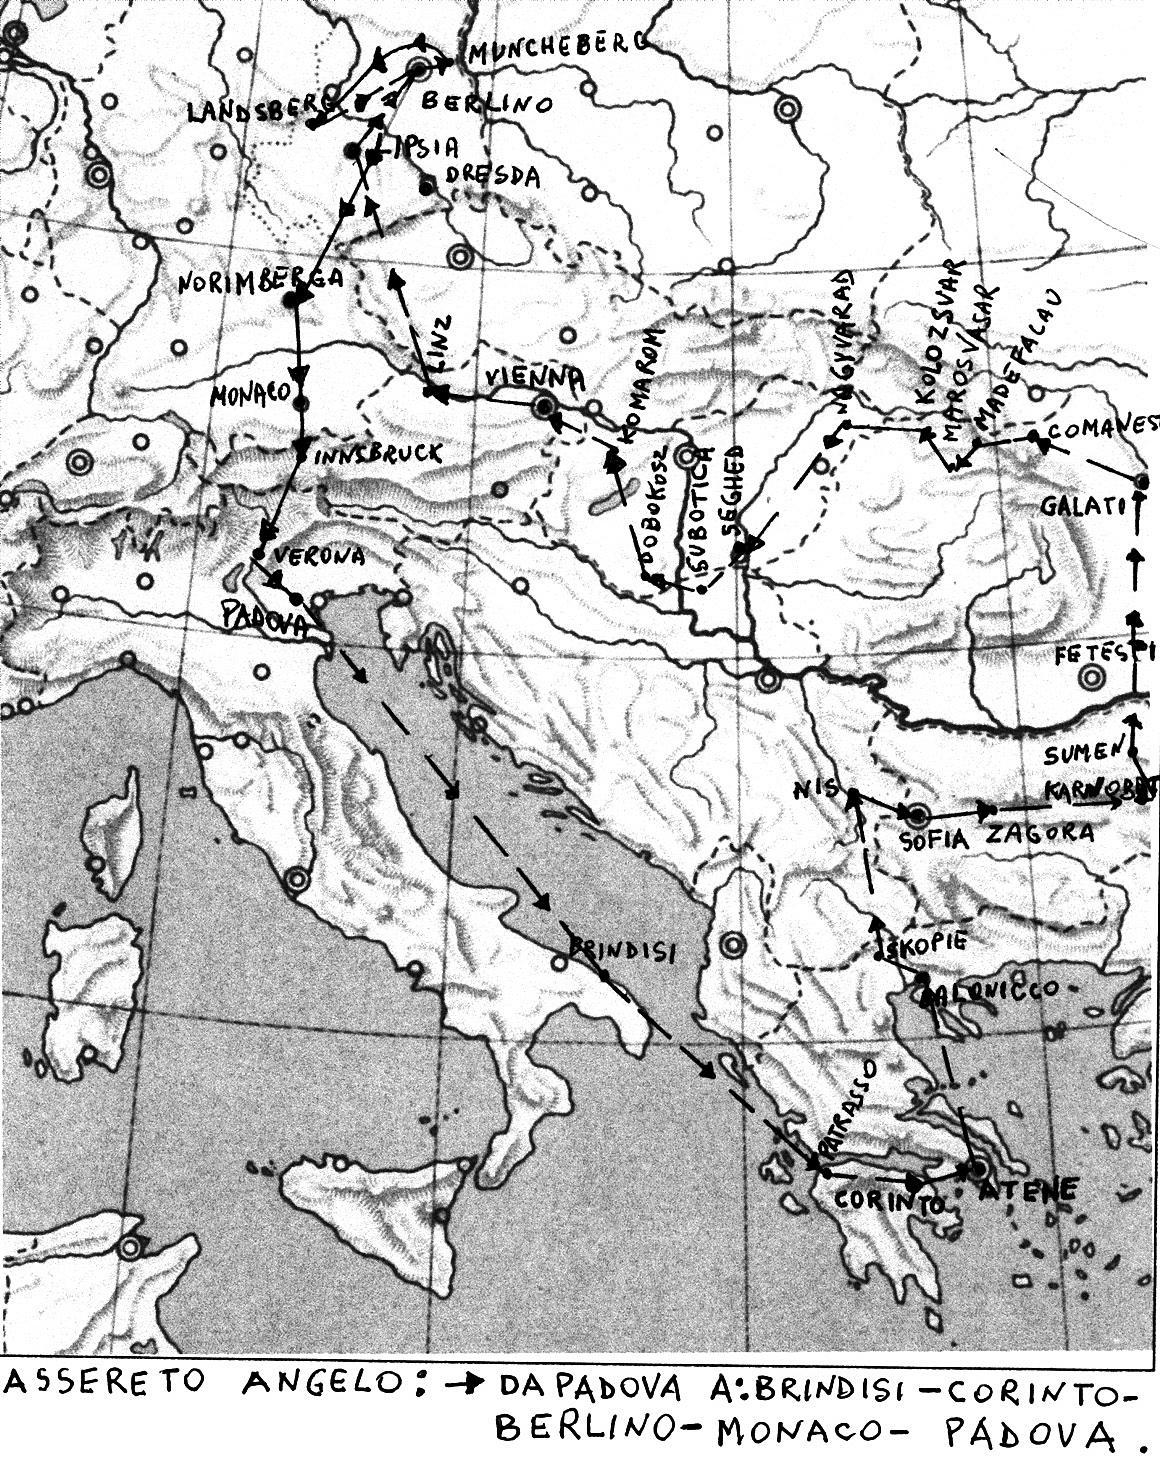 Il percorso seguito da Angelo Assereto durante la seconda guerra mondiale, dal 21-8-1939 al 16-10-1945.